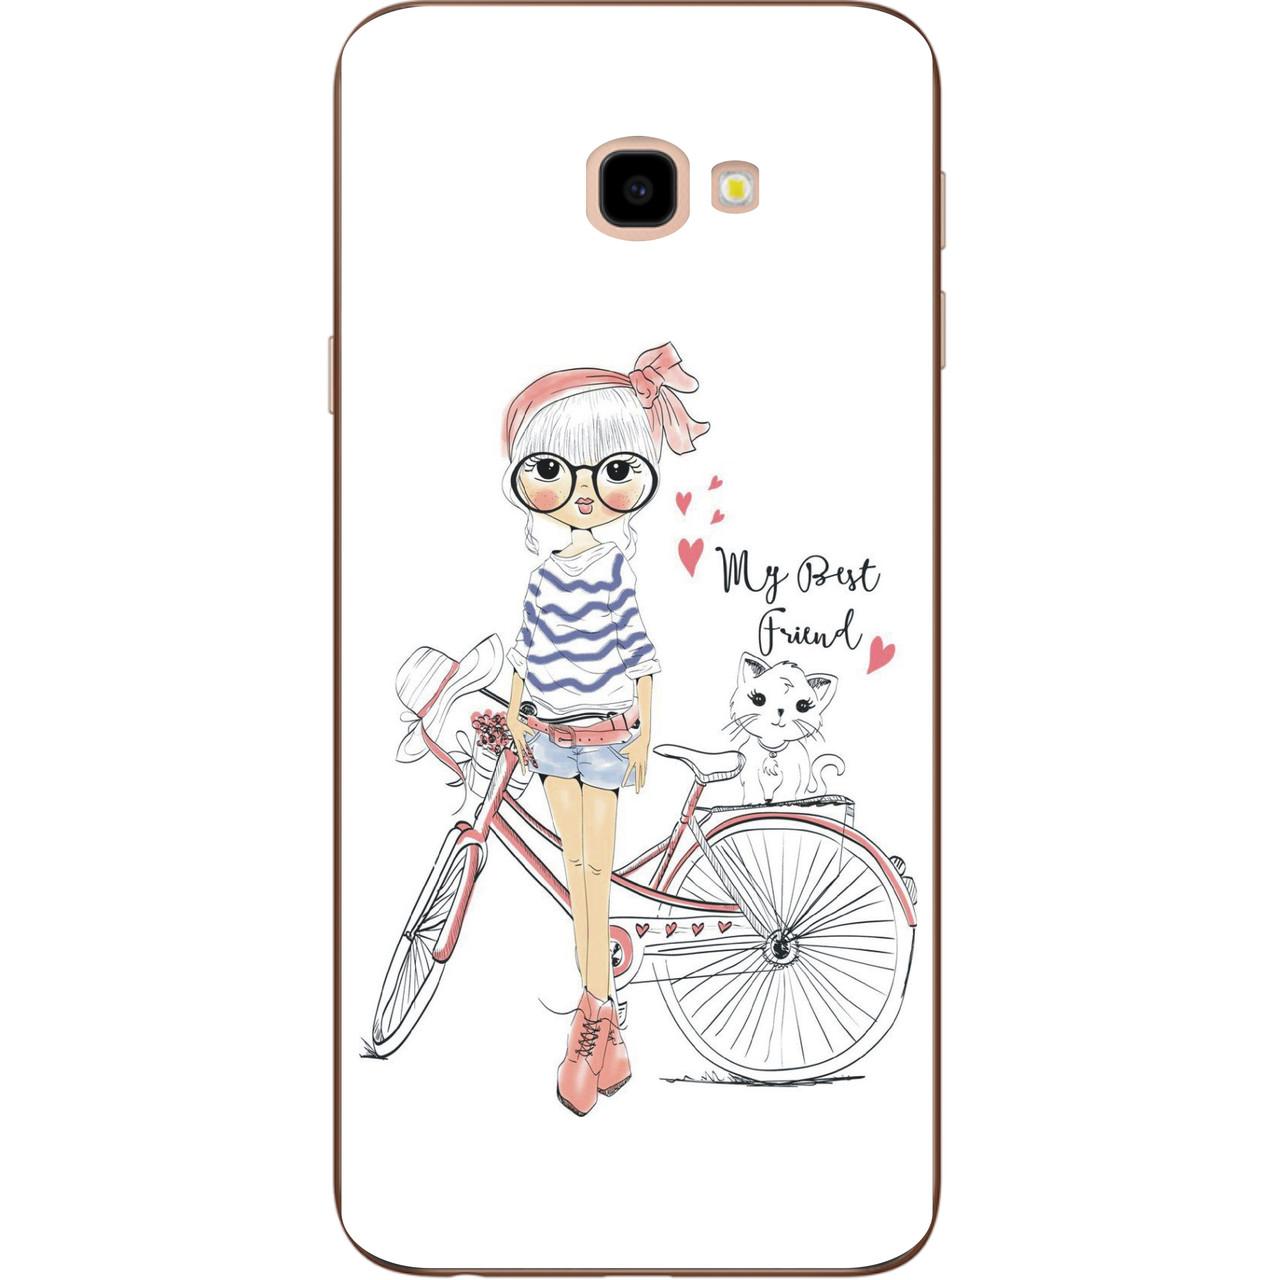 Бампер силиконовый чехол для Samsung Galaxy J4 Plus 2018 с картинкой Девушка с велосипедом